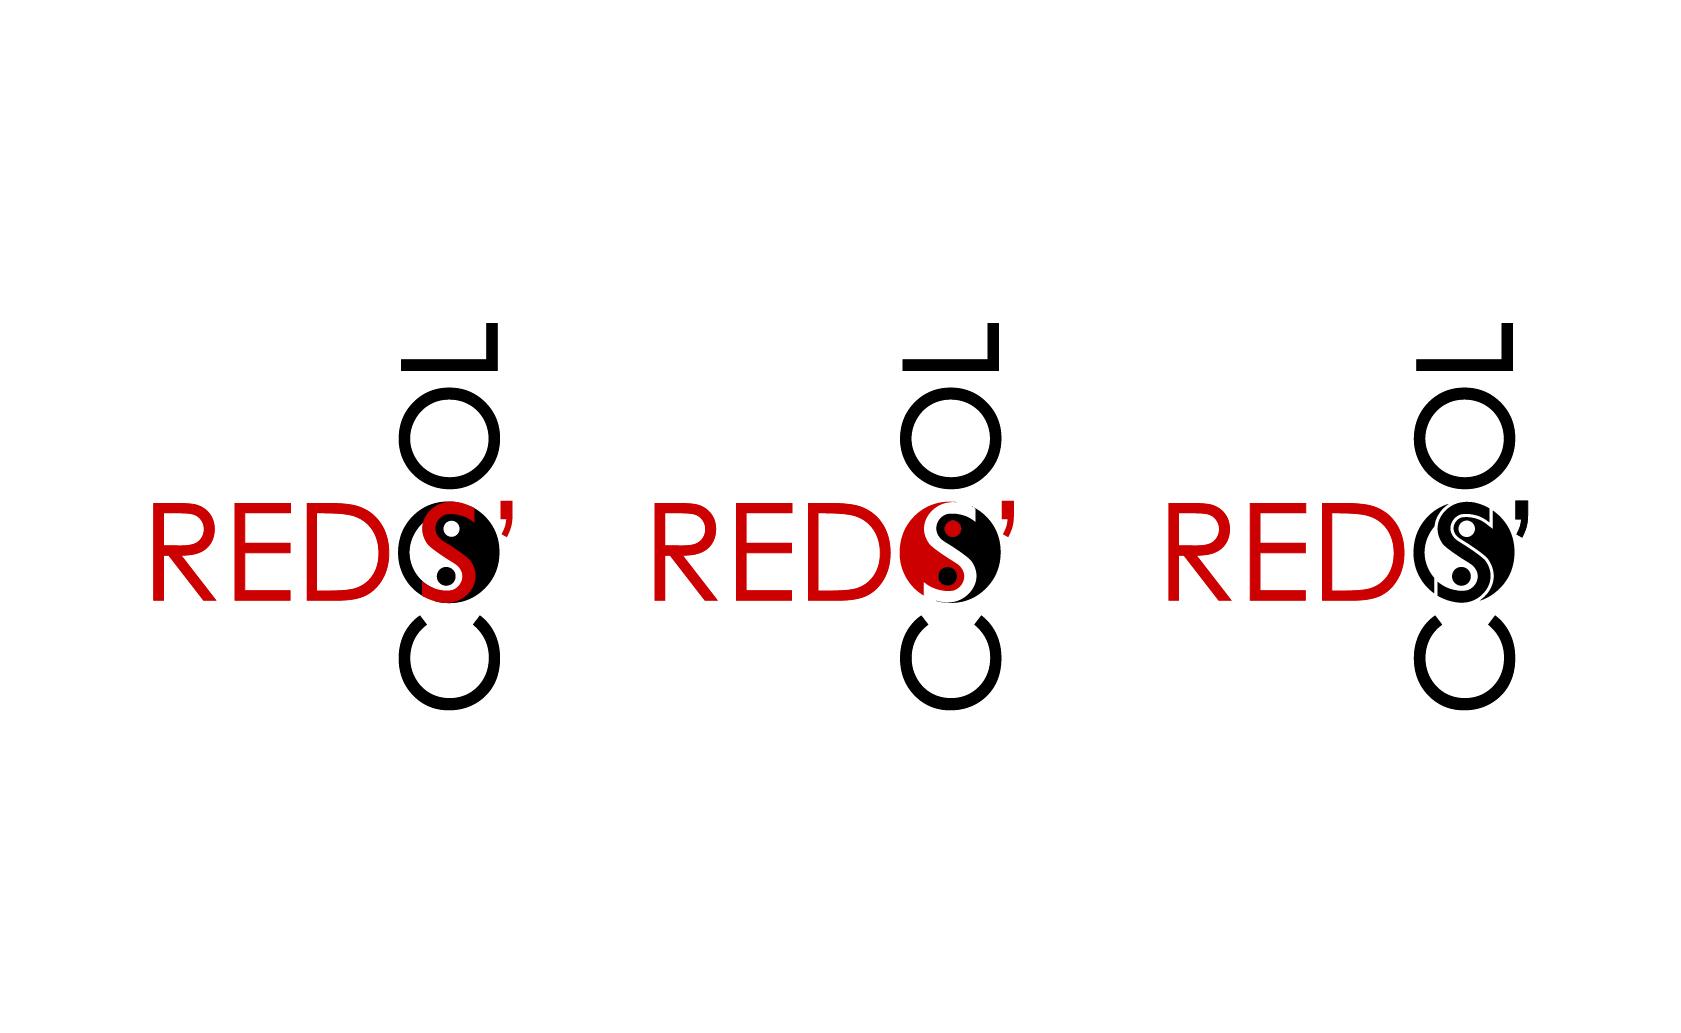 Логотип для музыкальной группы фото f_3755a50ebe2a9a34.jpg